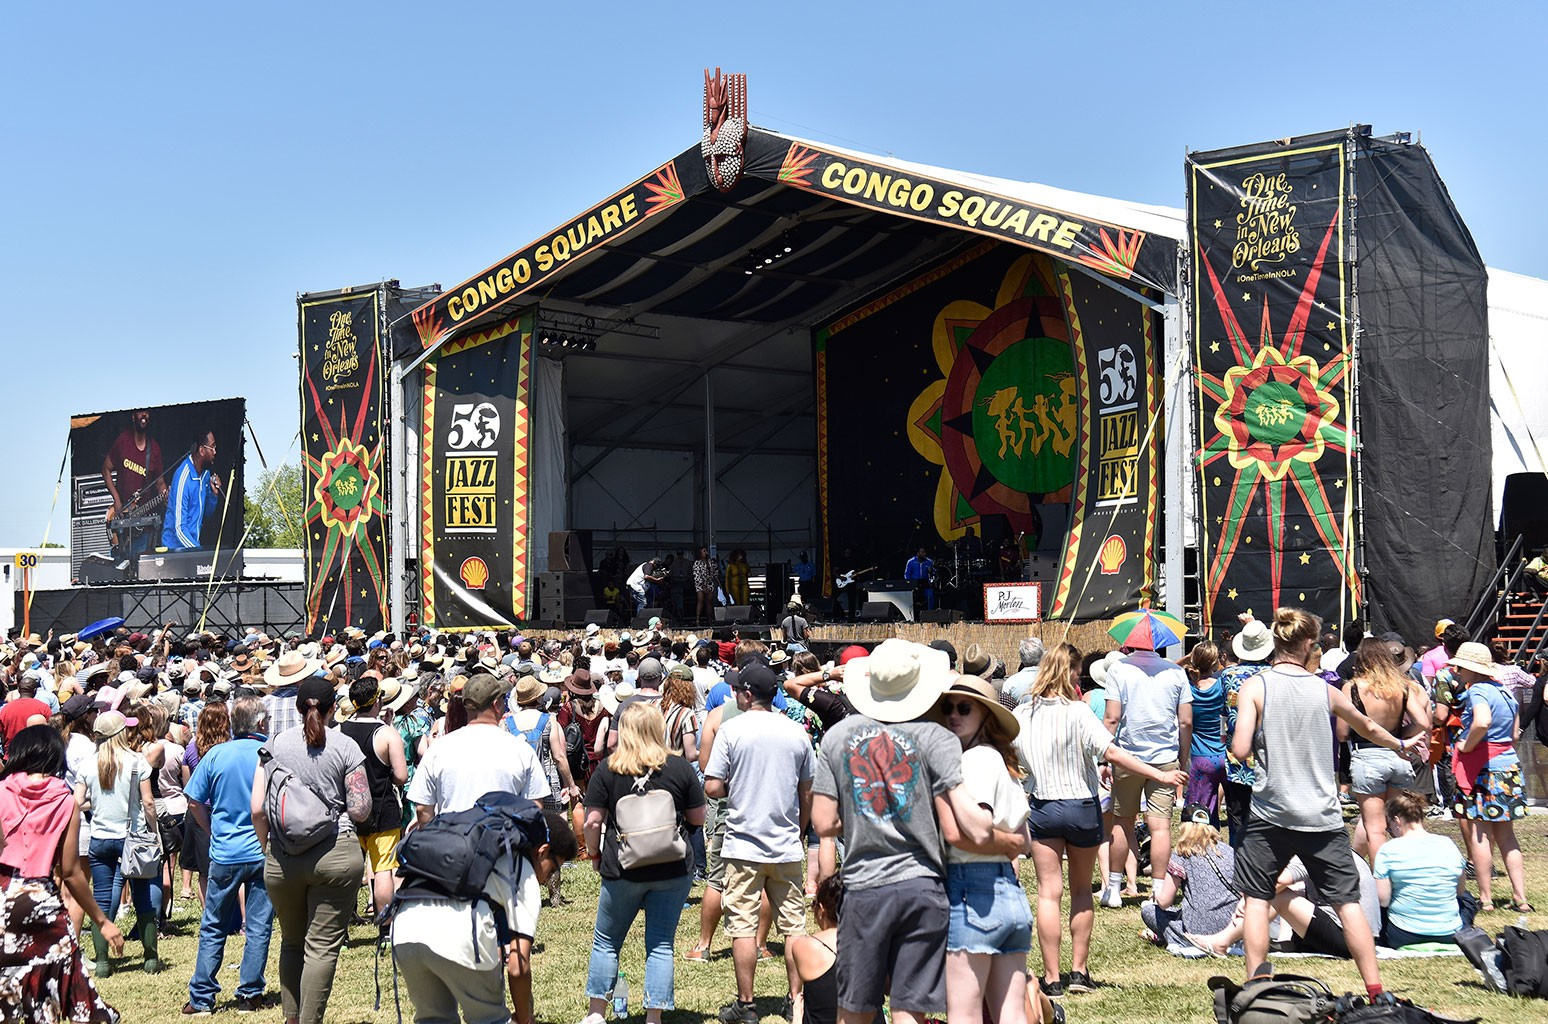 Фестиваль джаза и наследия в Новом Орлеане перенесен на осень: новые даты